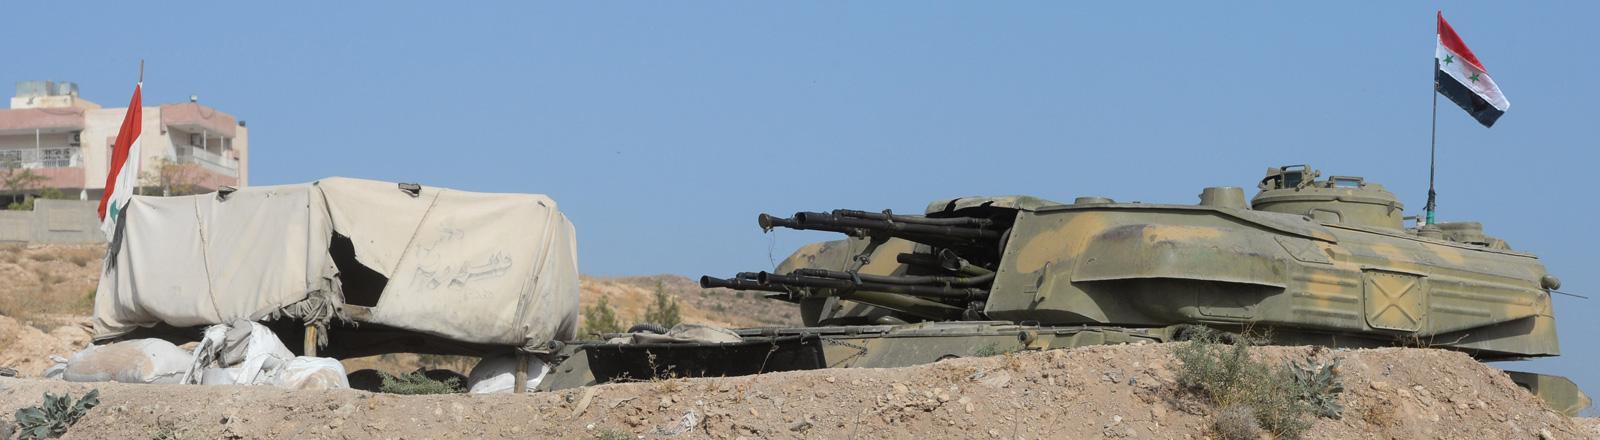 Ein Panzer der syrischen Armee außerhalb von Katana City.